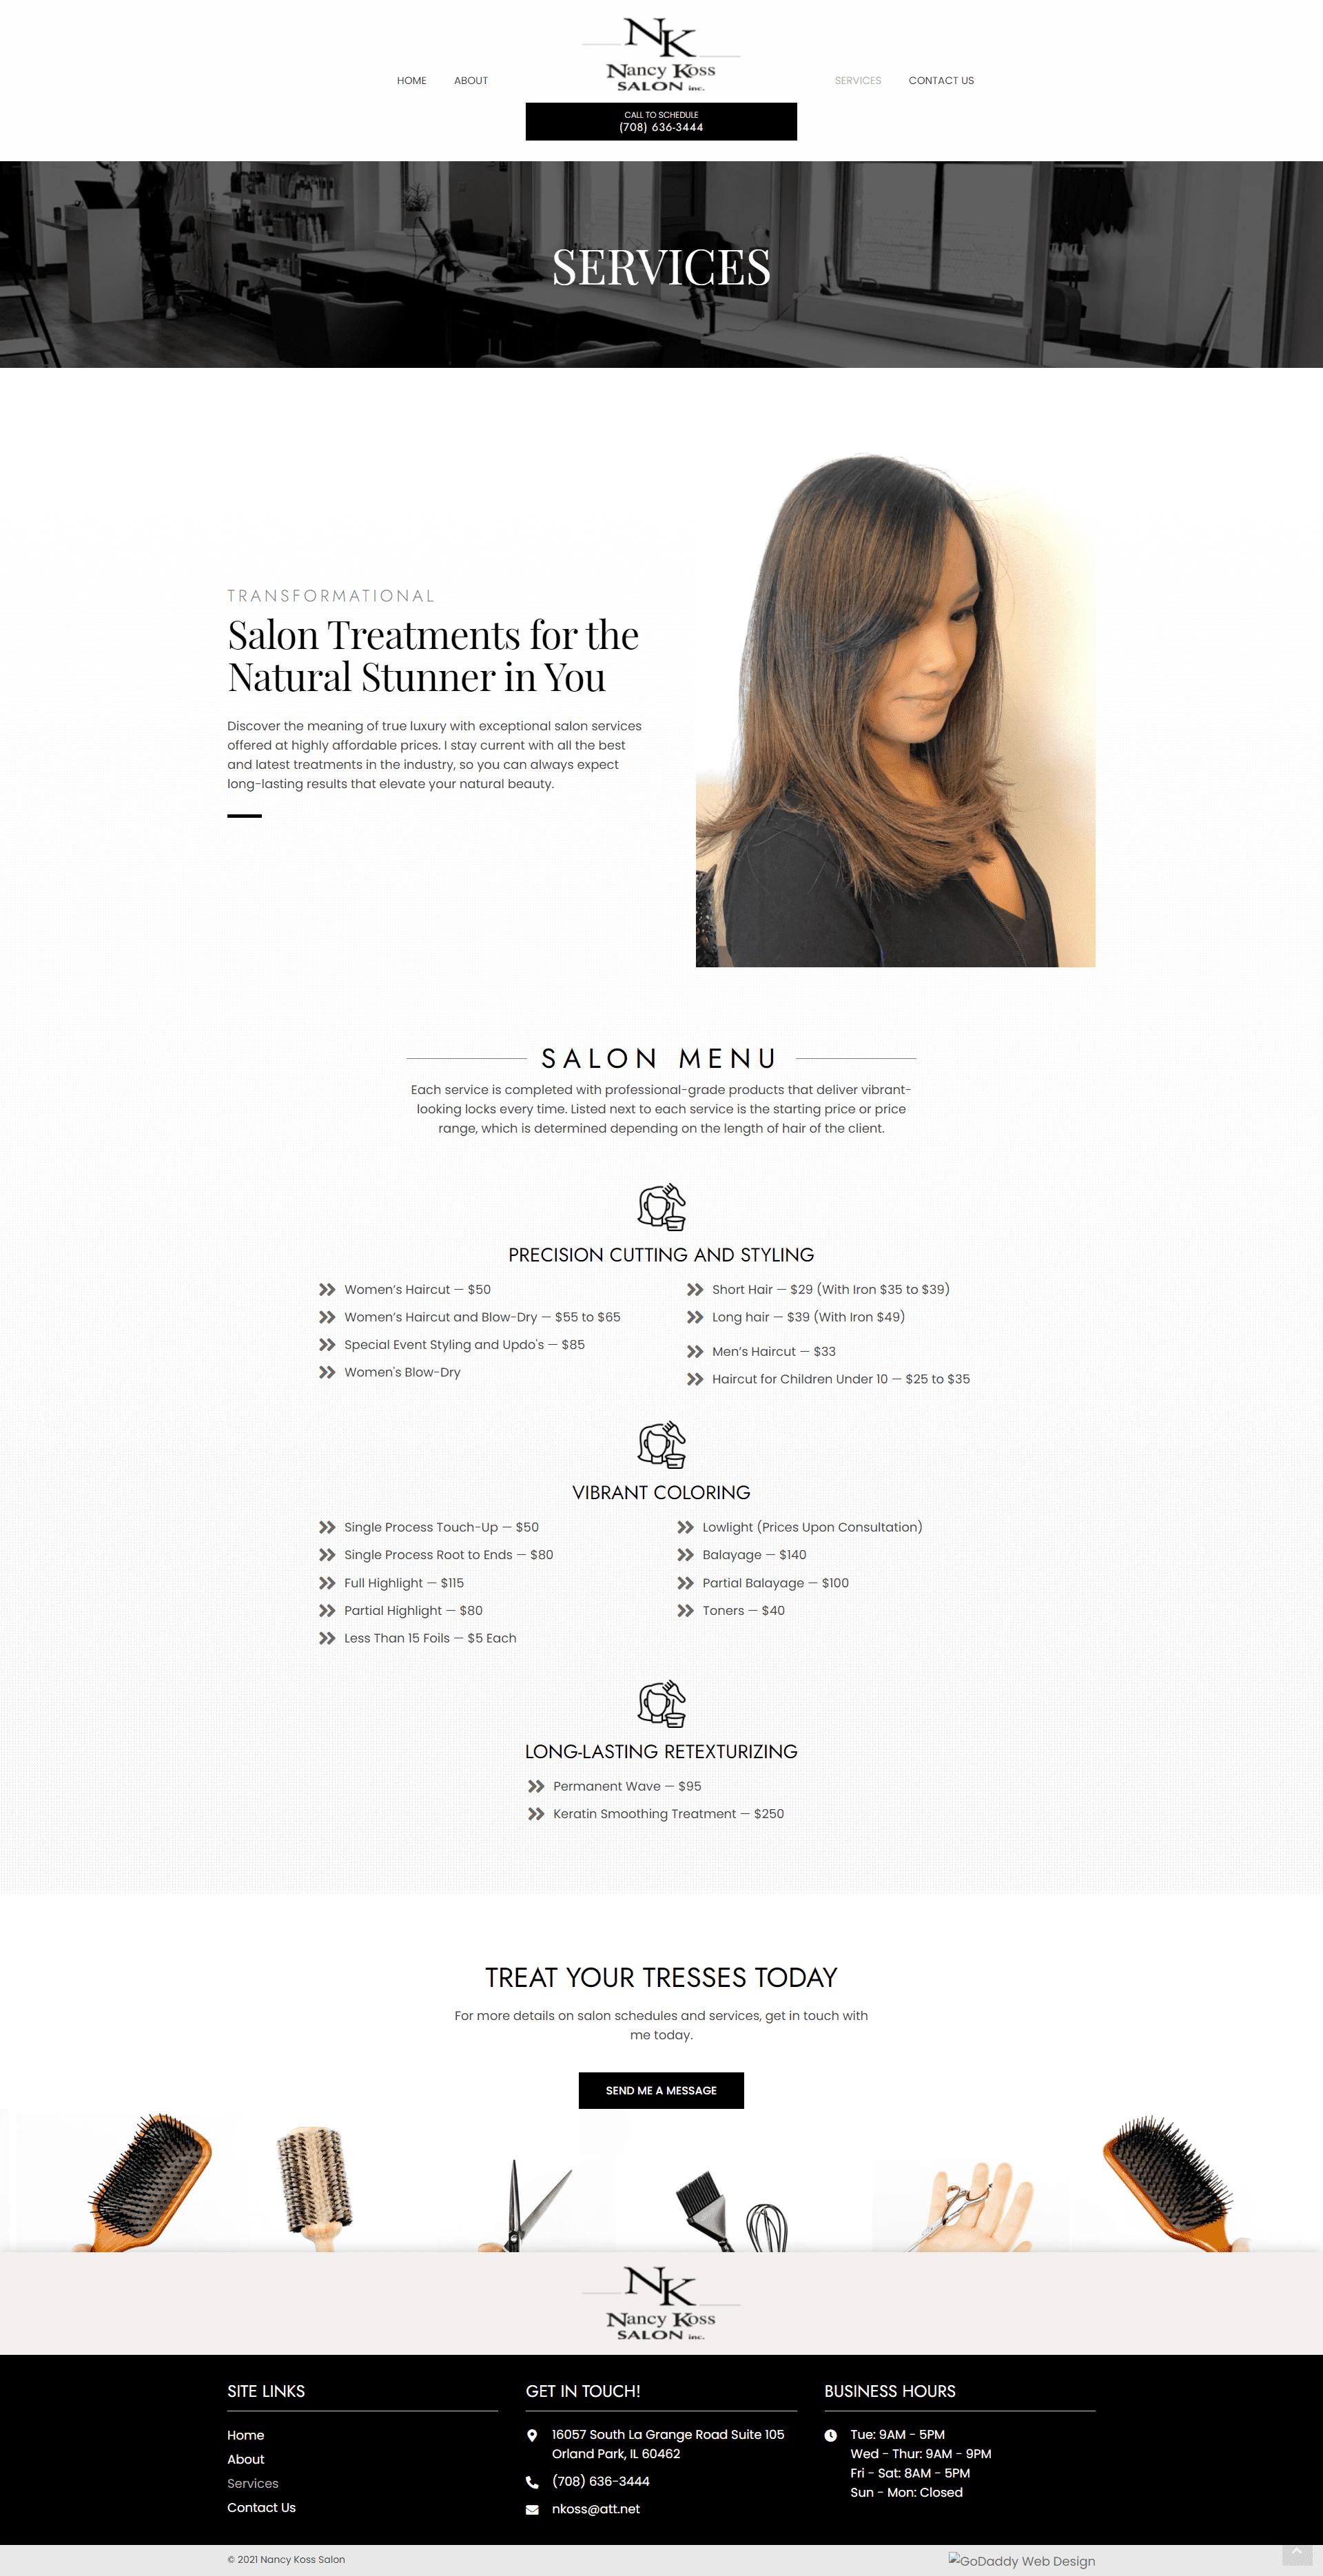 Nancy Koss Salon Services